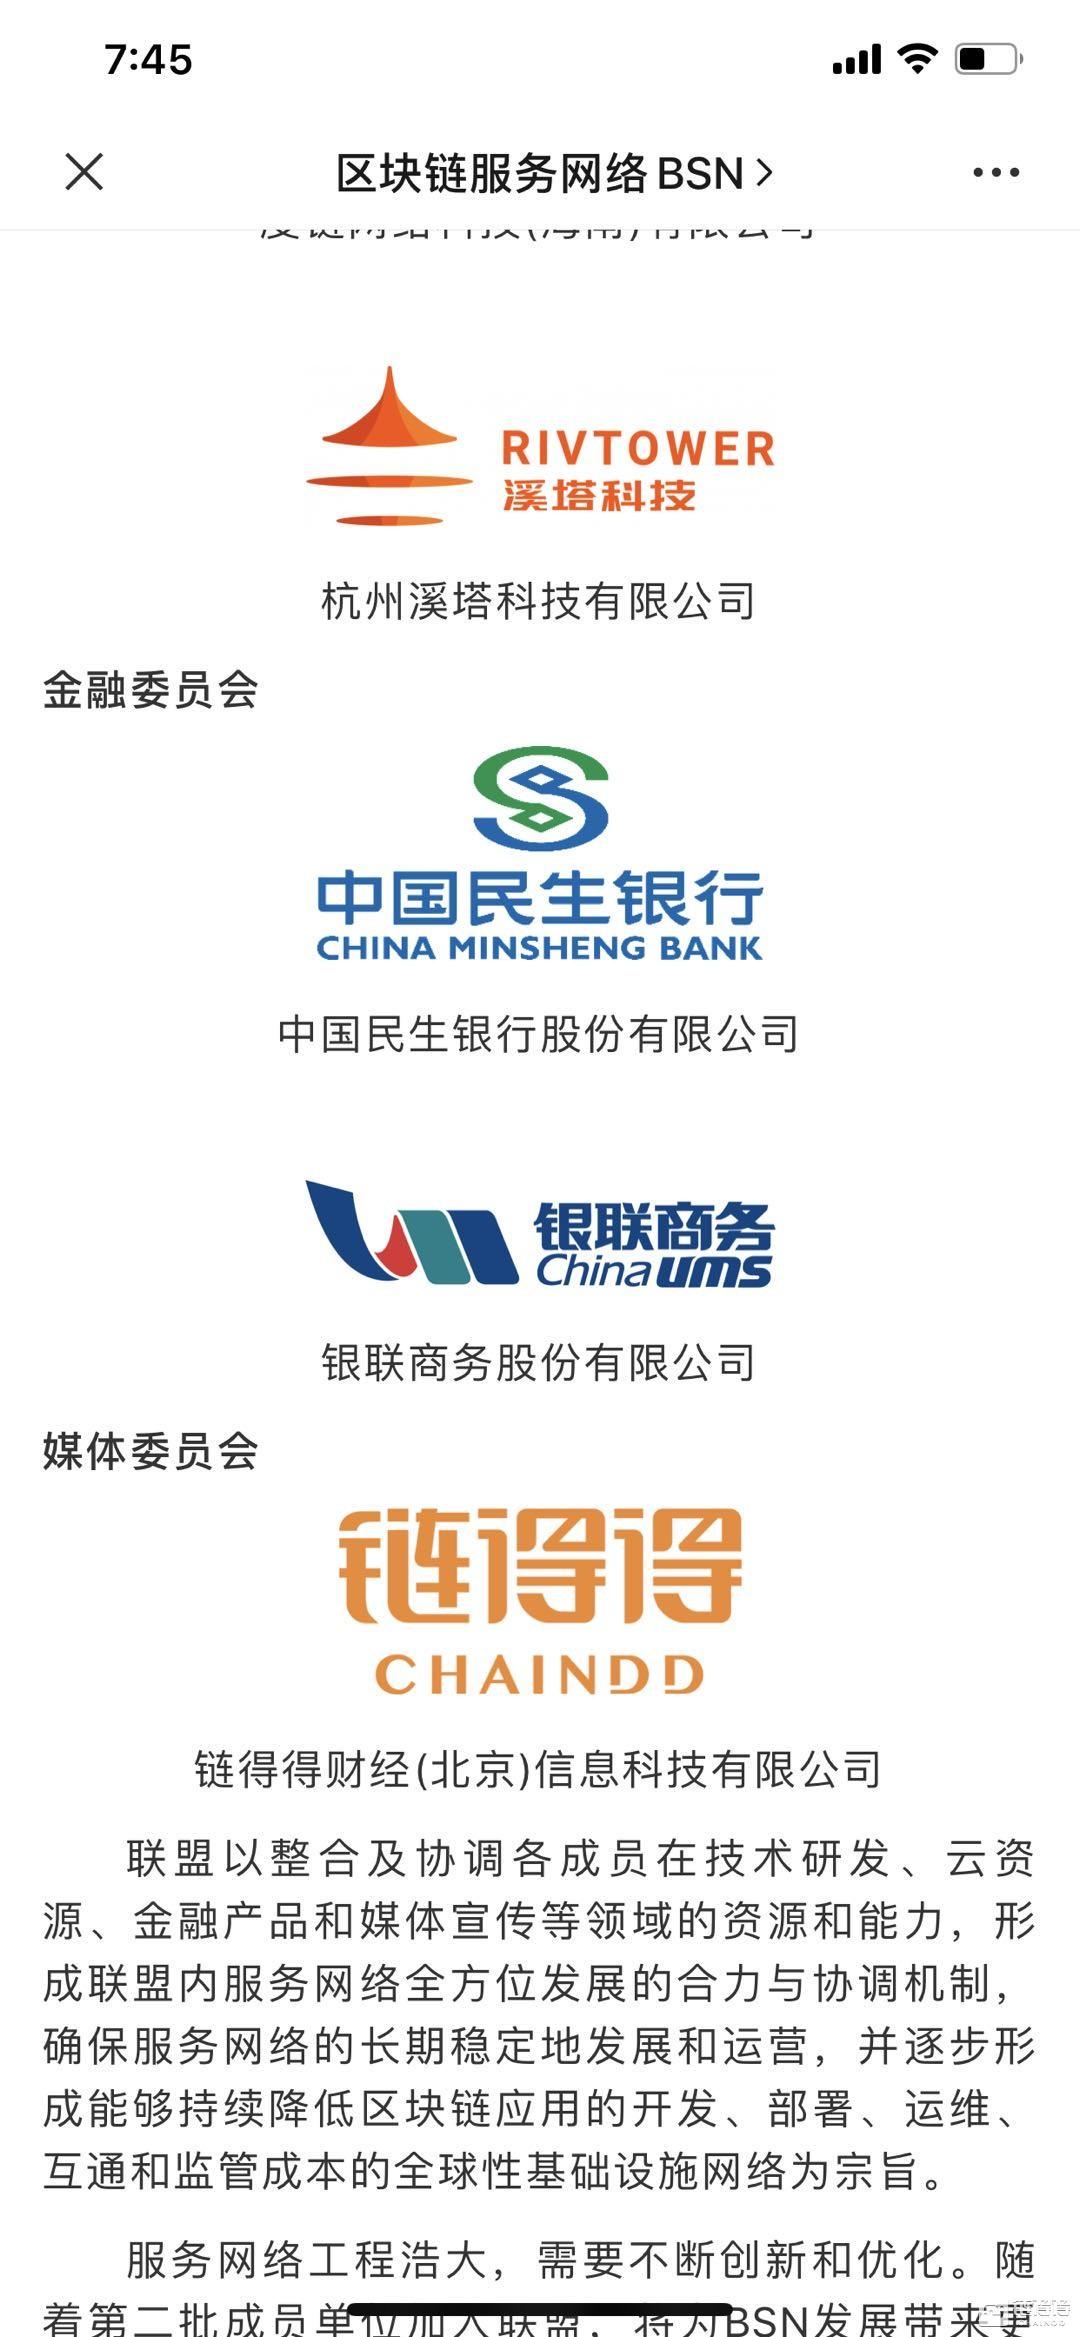 BSN联盟公布第二批入盟成员单位,链得得携手百度、银联、民生银行等知名企业入选